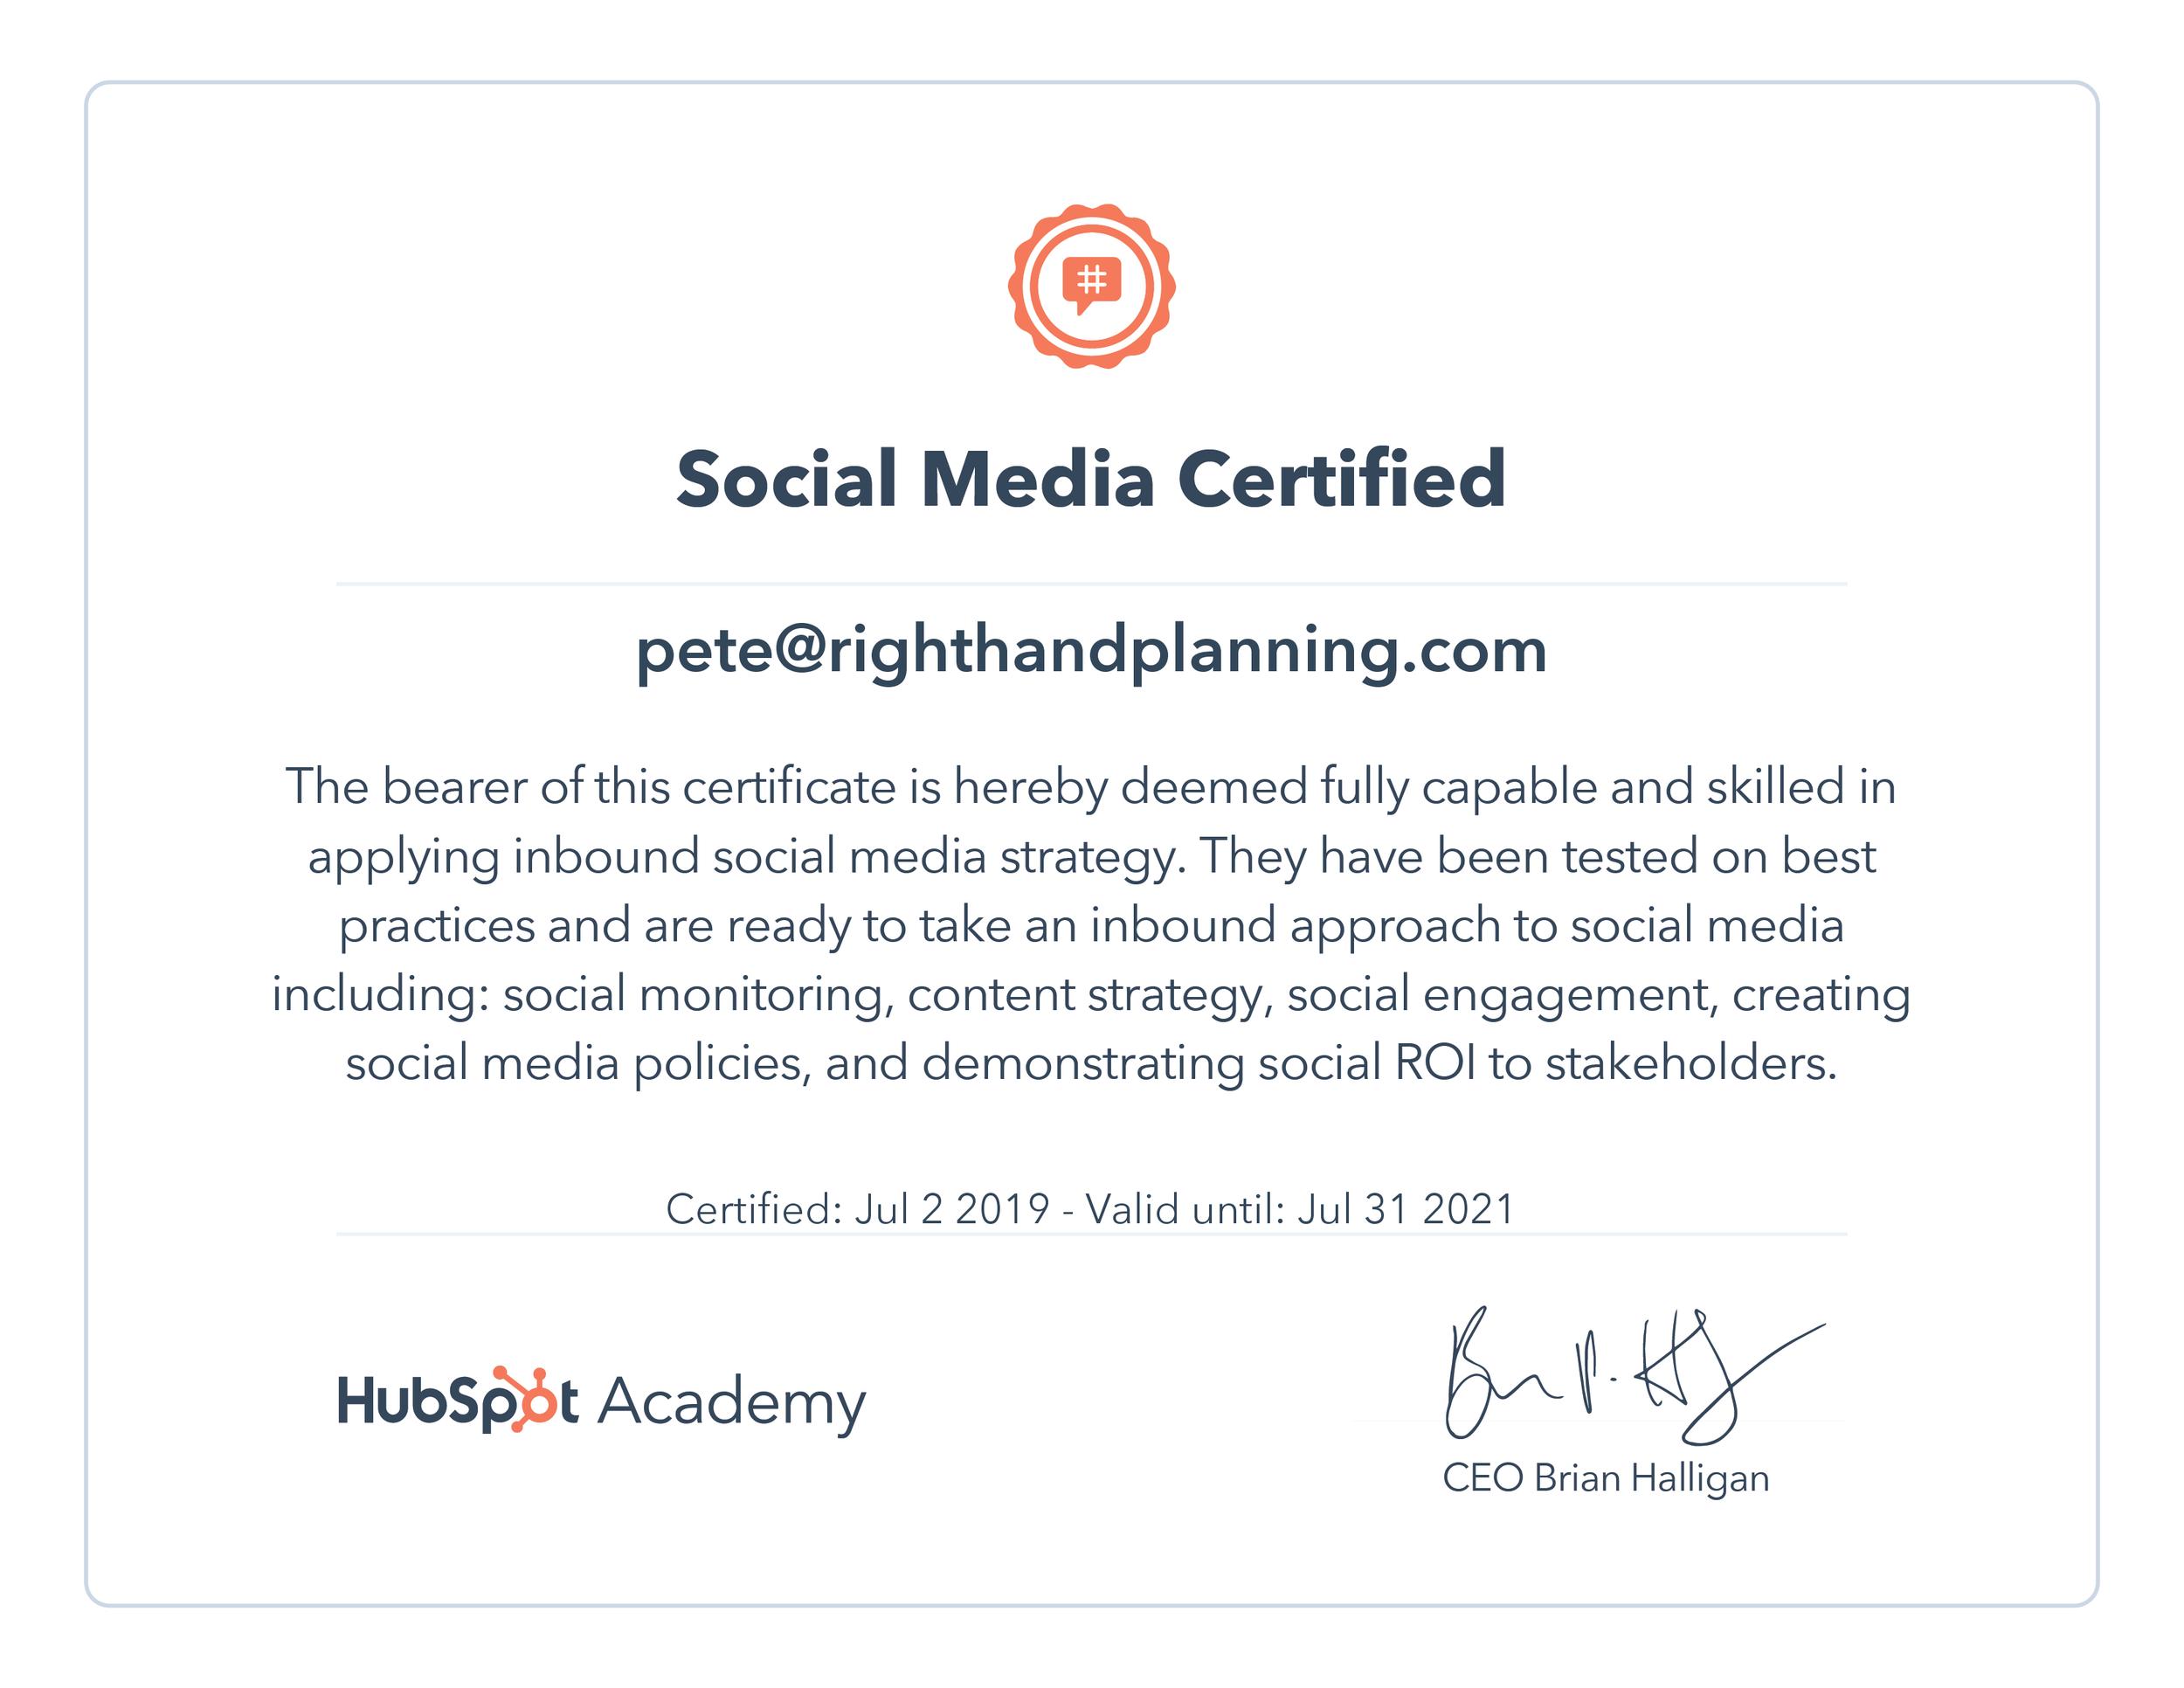 HubSpot Social Media Certification.png